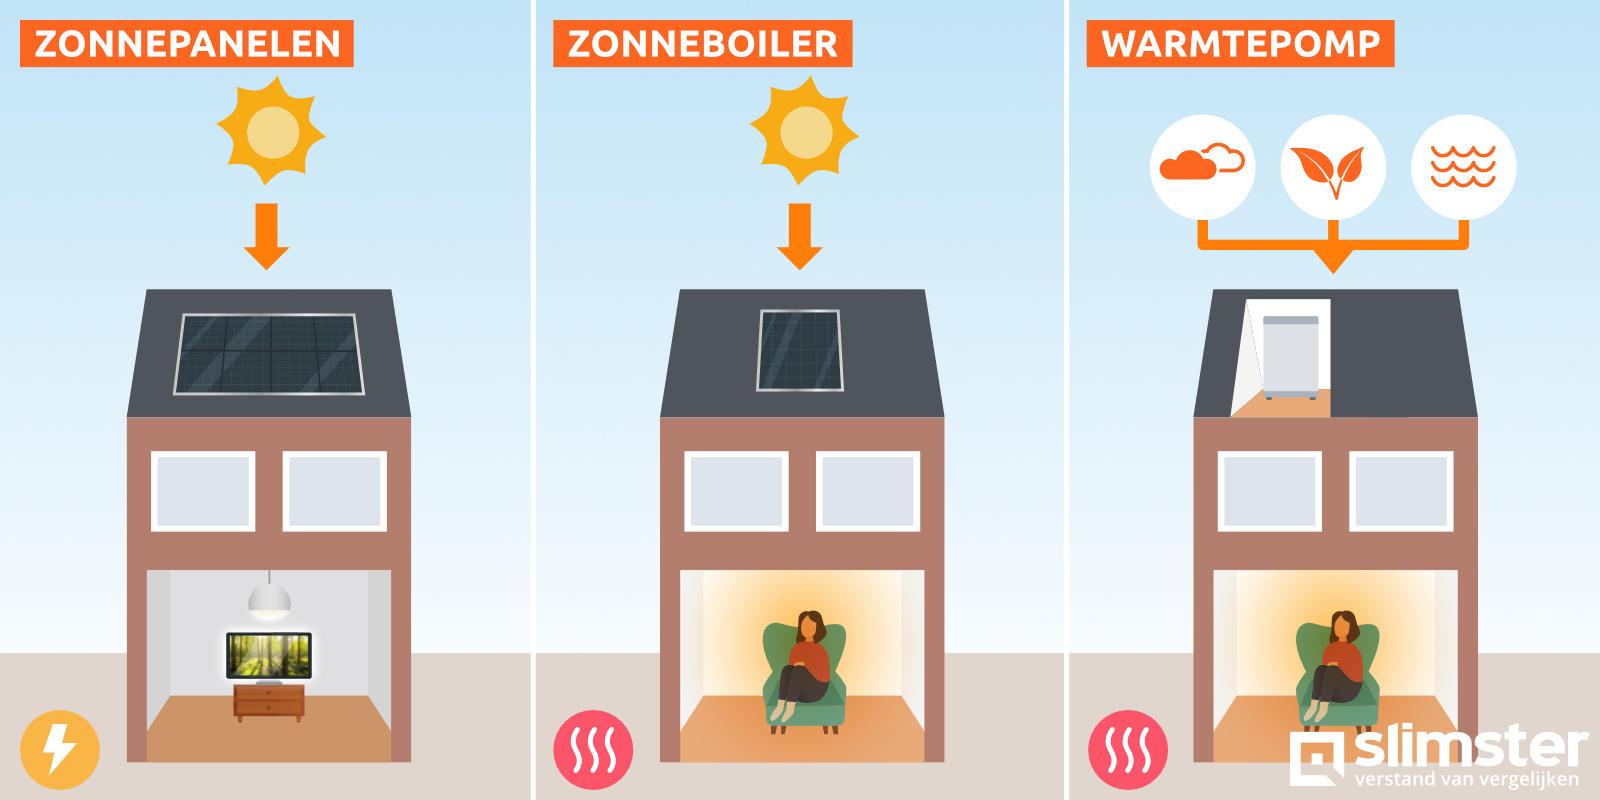 zonnepanelen zonneboiler en warmtepomp combineren